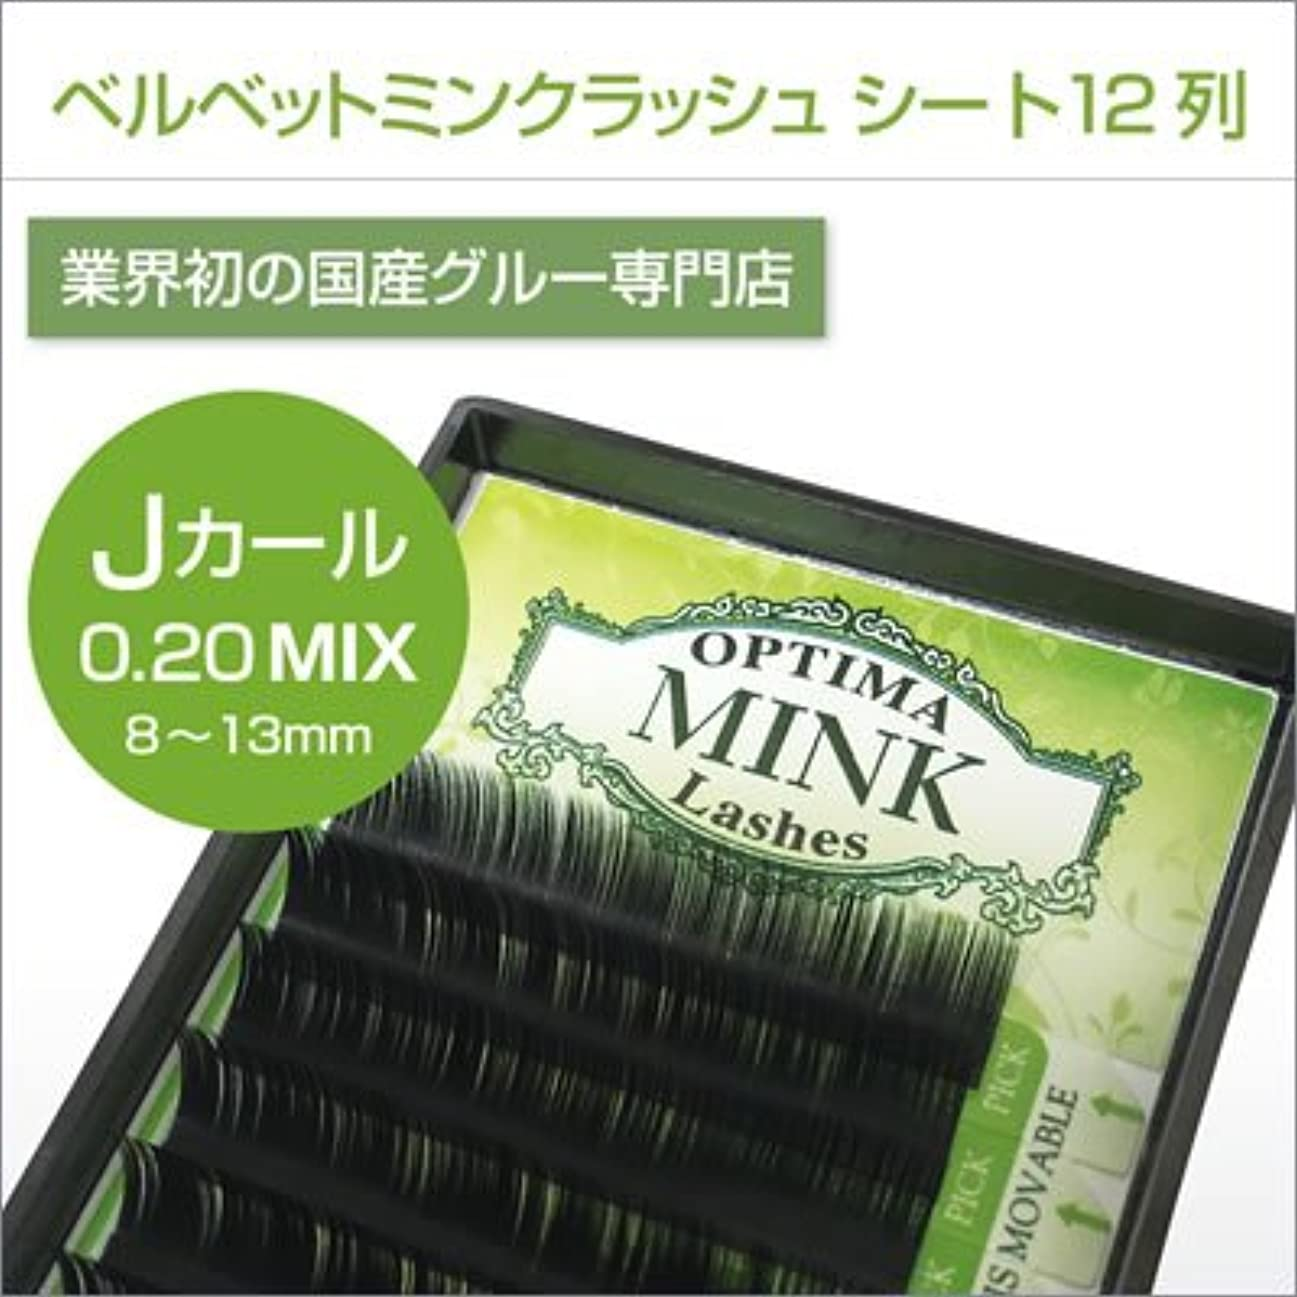 飽和する硫黄否認するorlo(オルロ) OPTIMA ベルベット ミンクラッシュ MIX Jカール 0.2mm×8mm~13mm